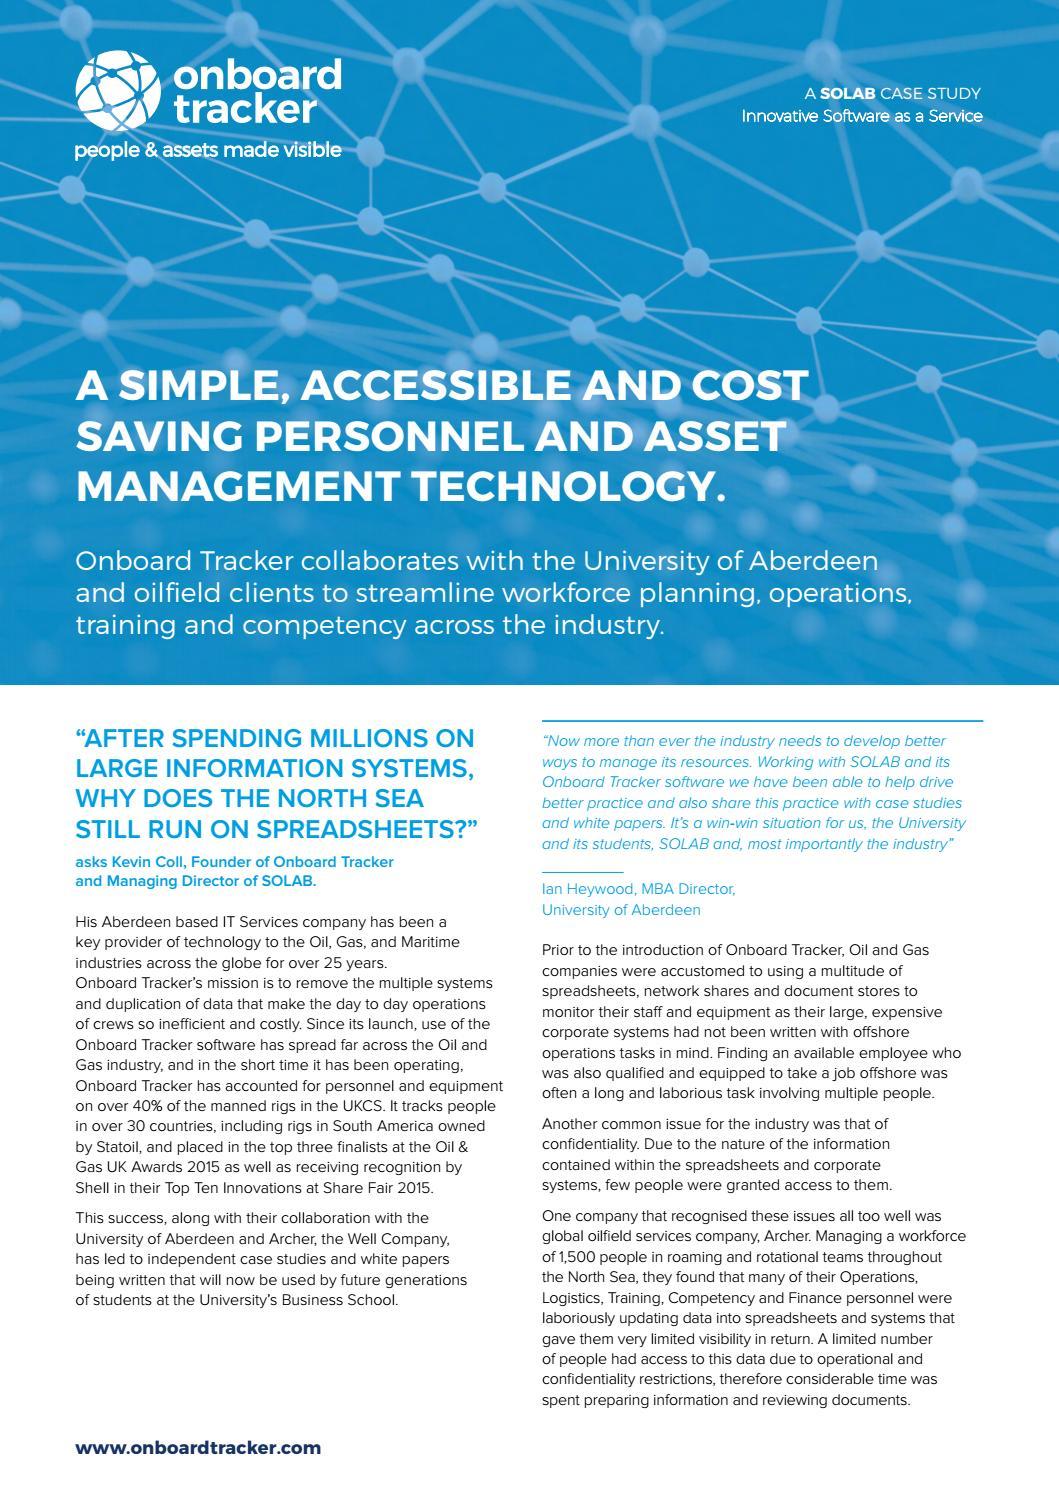 Case Study: Onboard Tracker™, University of Aberdeen